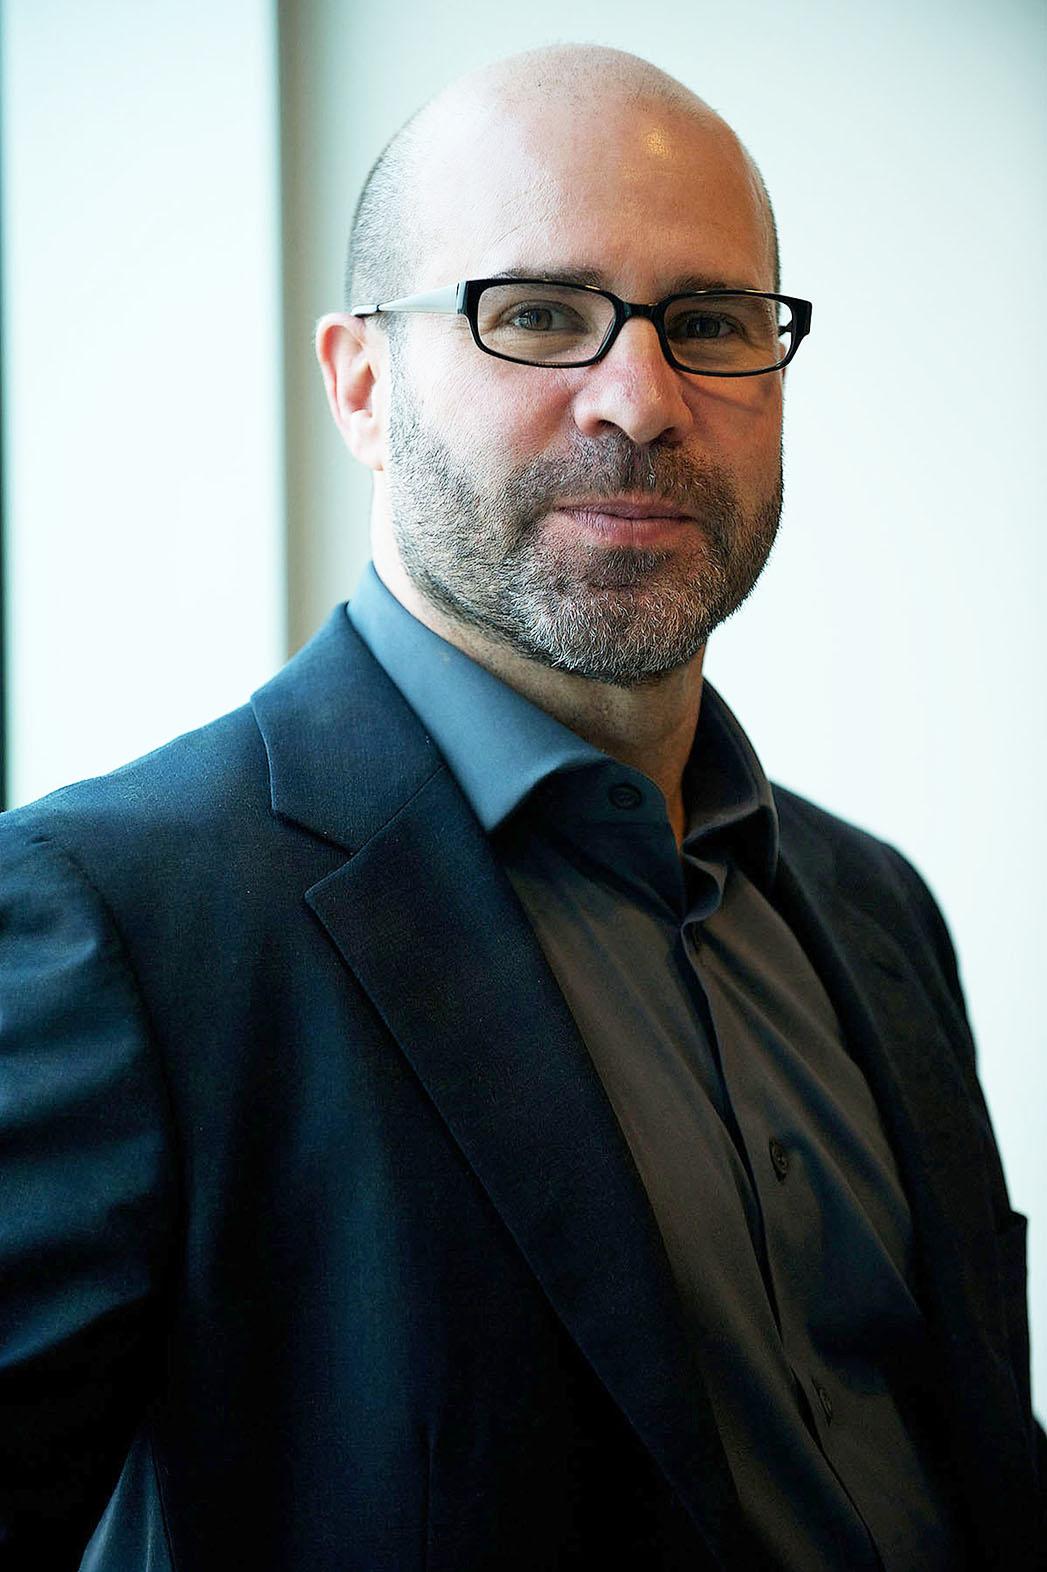 Scott Z. Burns Headshot - P 2013